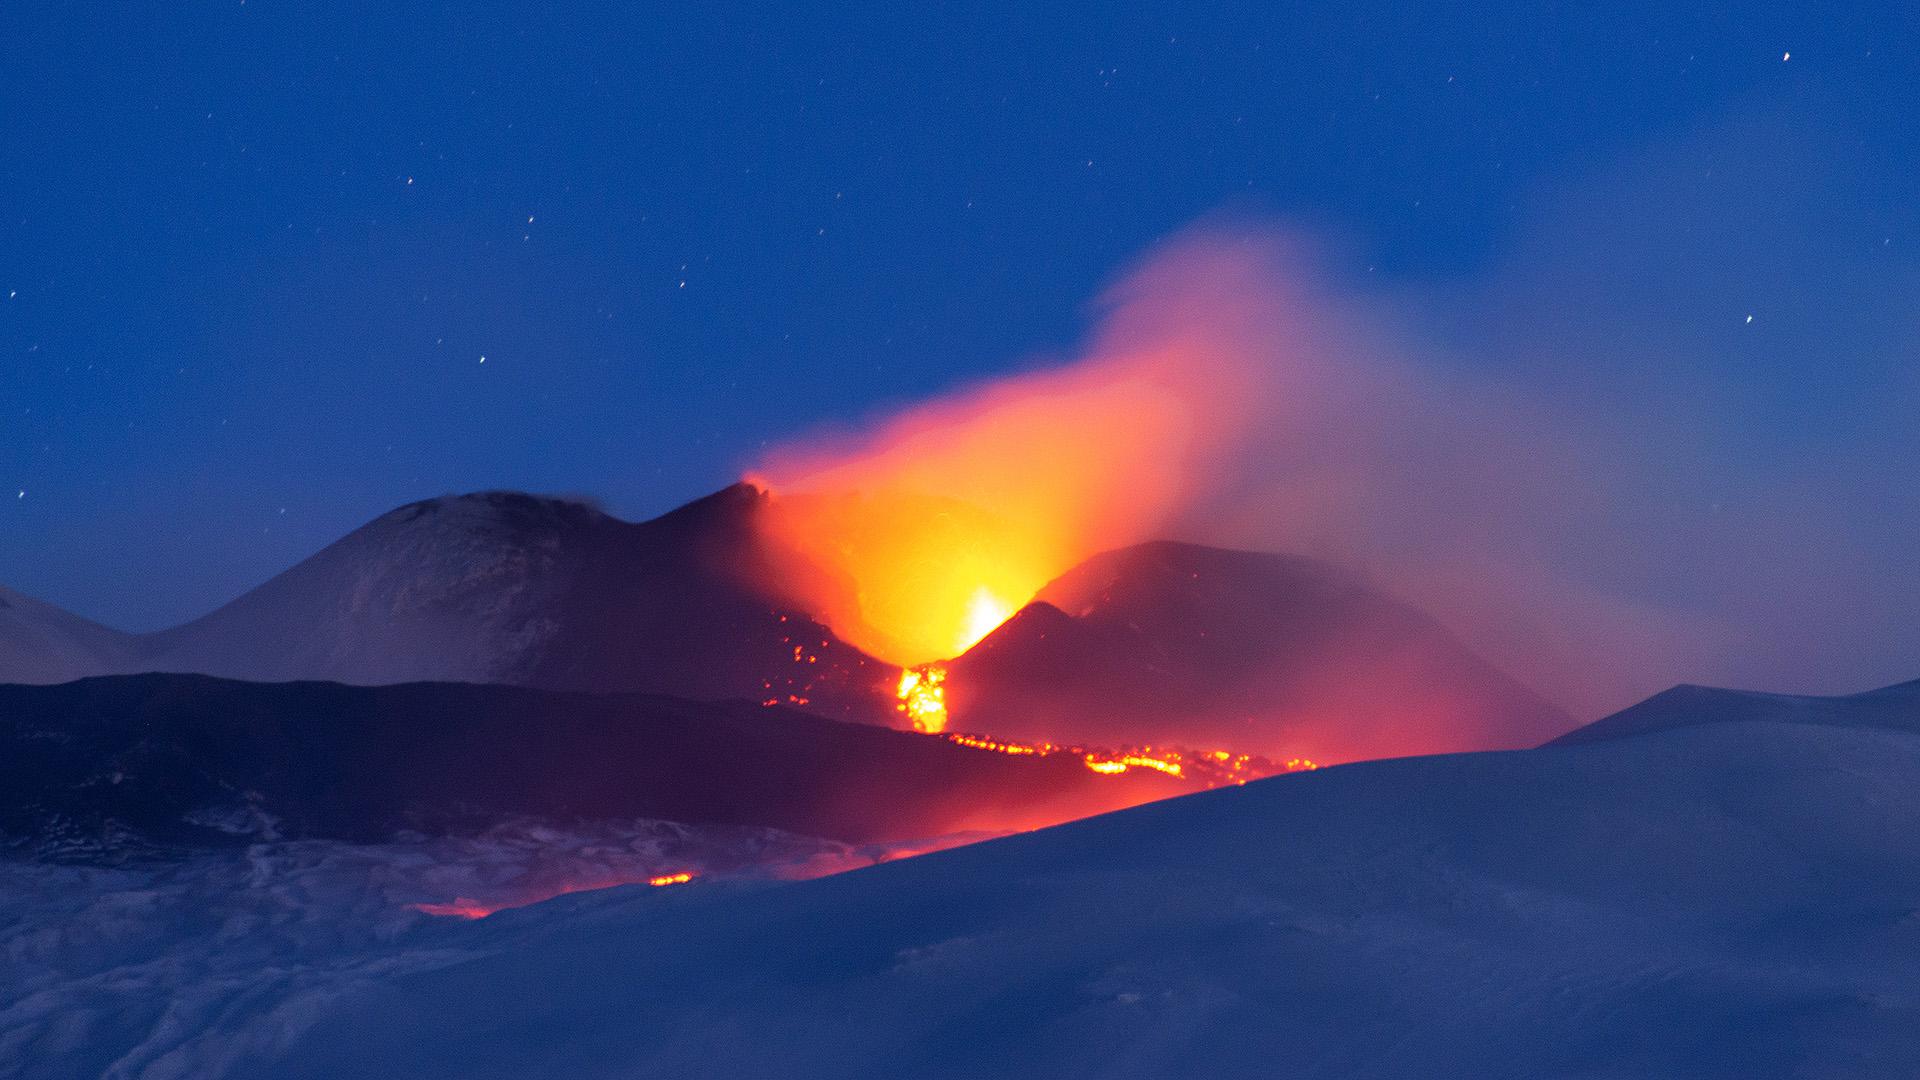 Mozgolódik az Etna vulkán, Szicíliában földrengés is volt